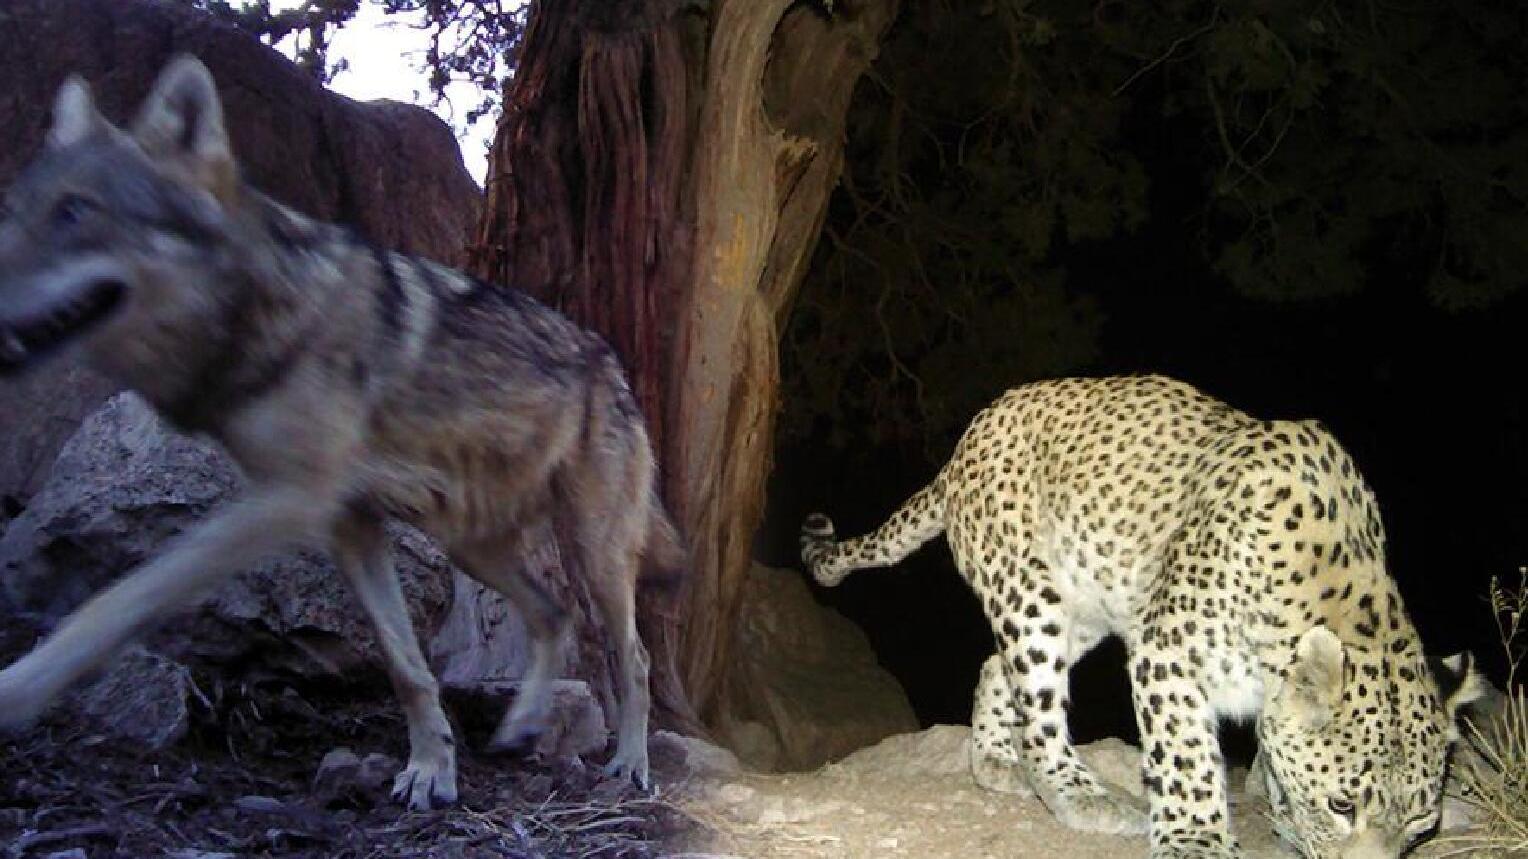 北美灰狼是犬科动物最大,如果遇到了花豹,打起来谁会赢?